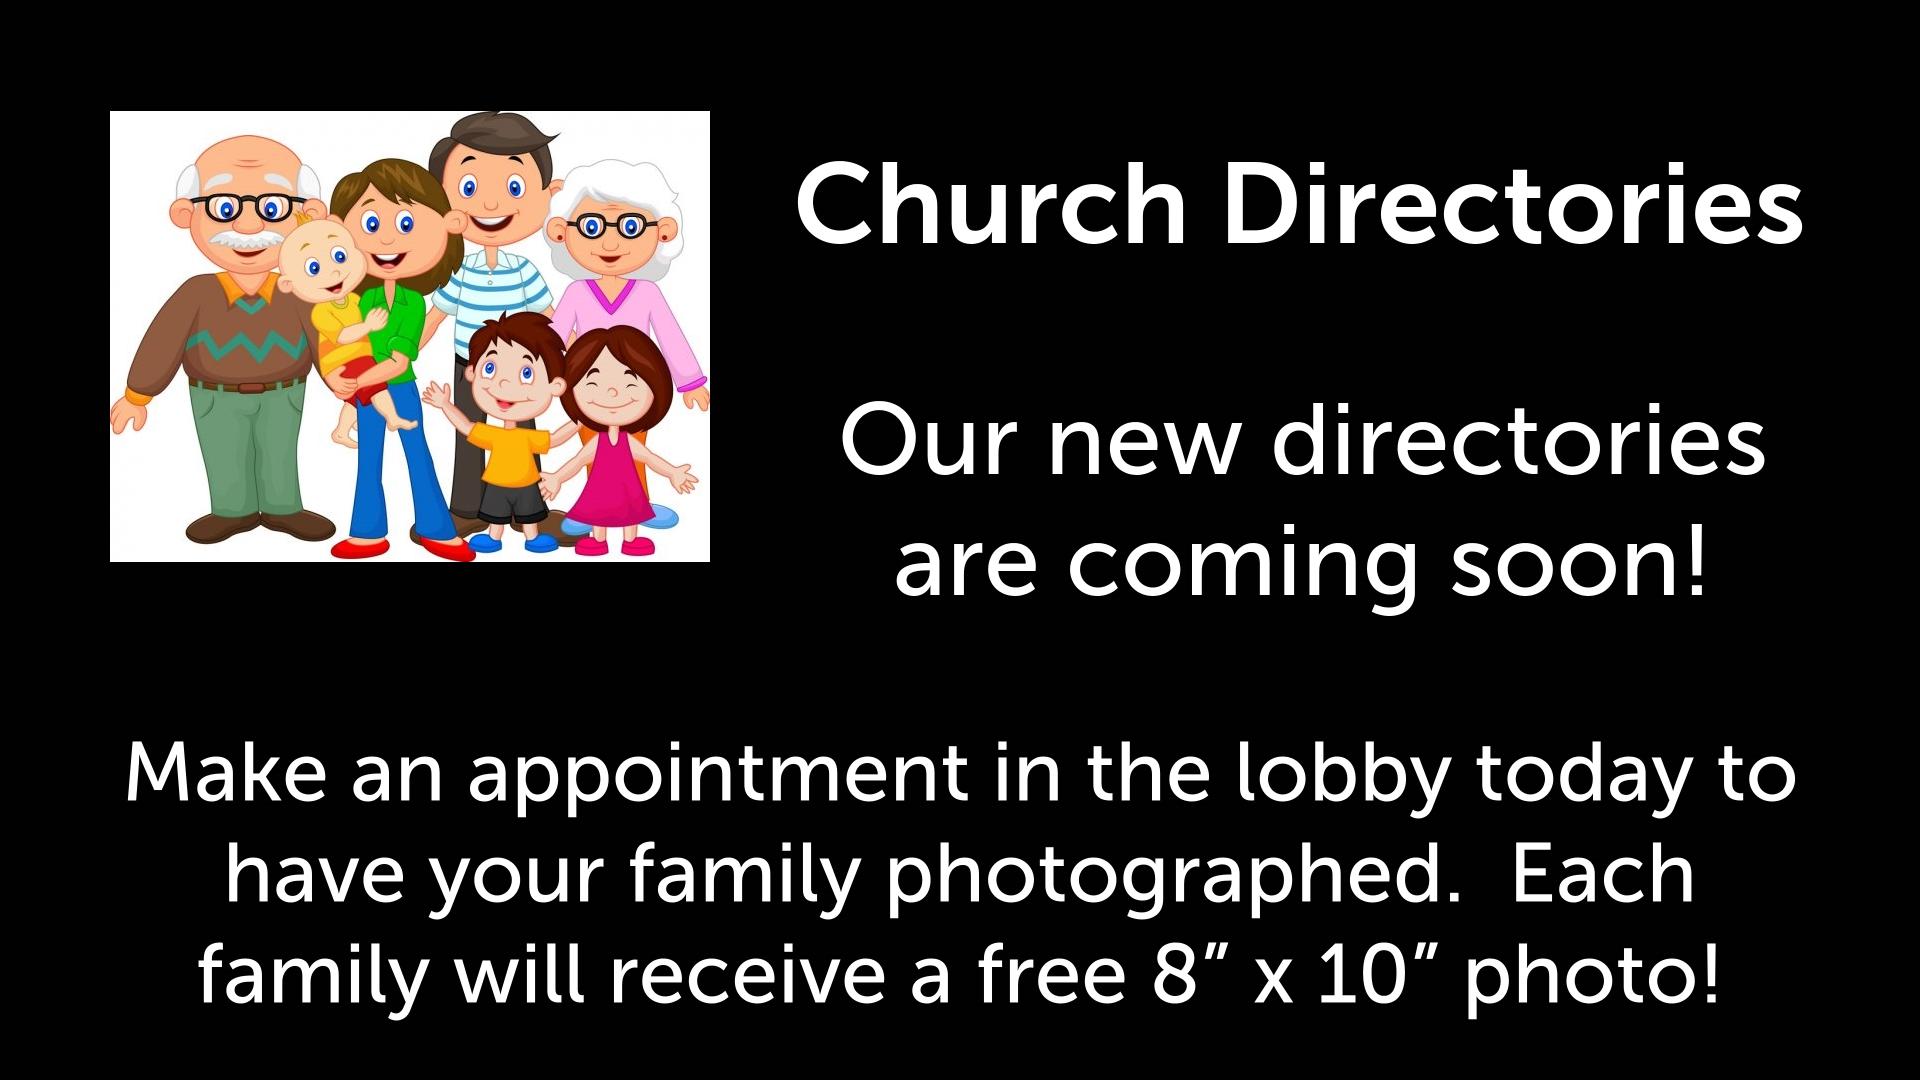 Website Announcement - Directories